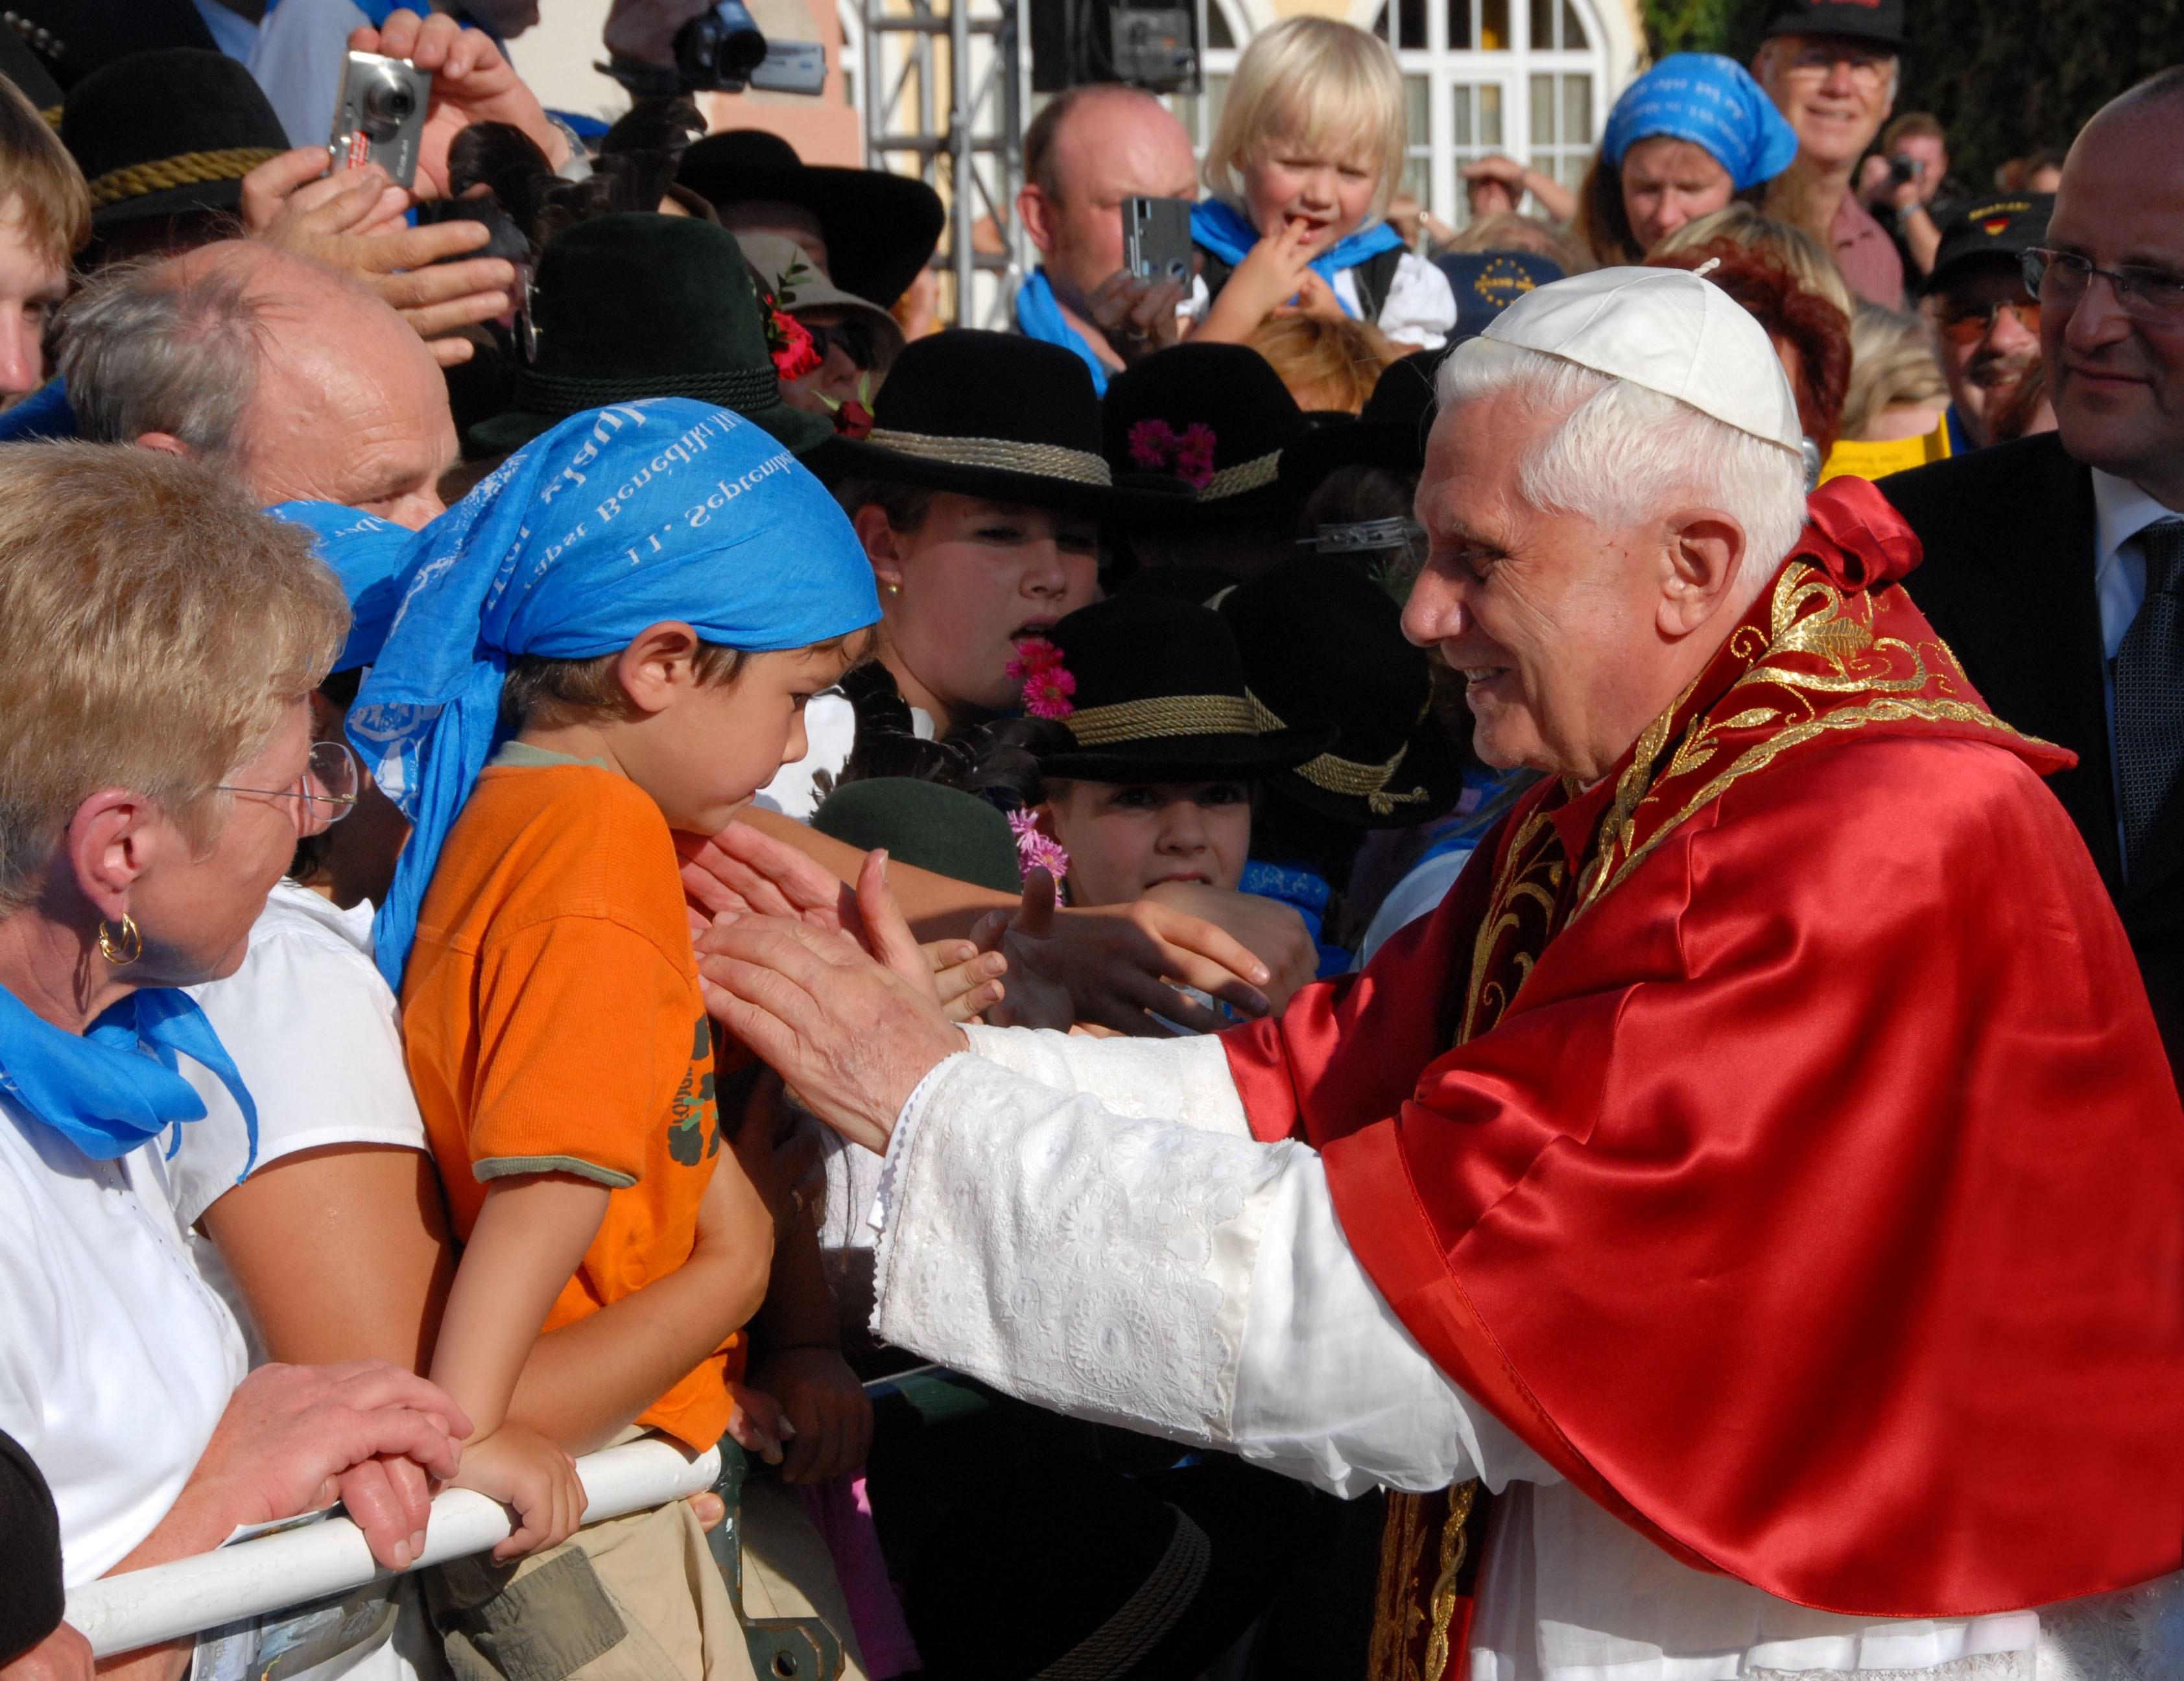 2019 Bistum Und Pfarreien Papst Benediktxvi Lebenslauf Altötting